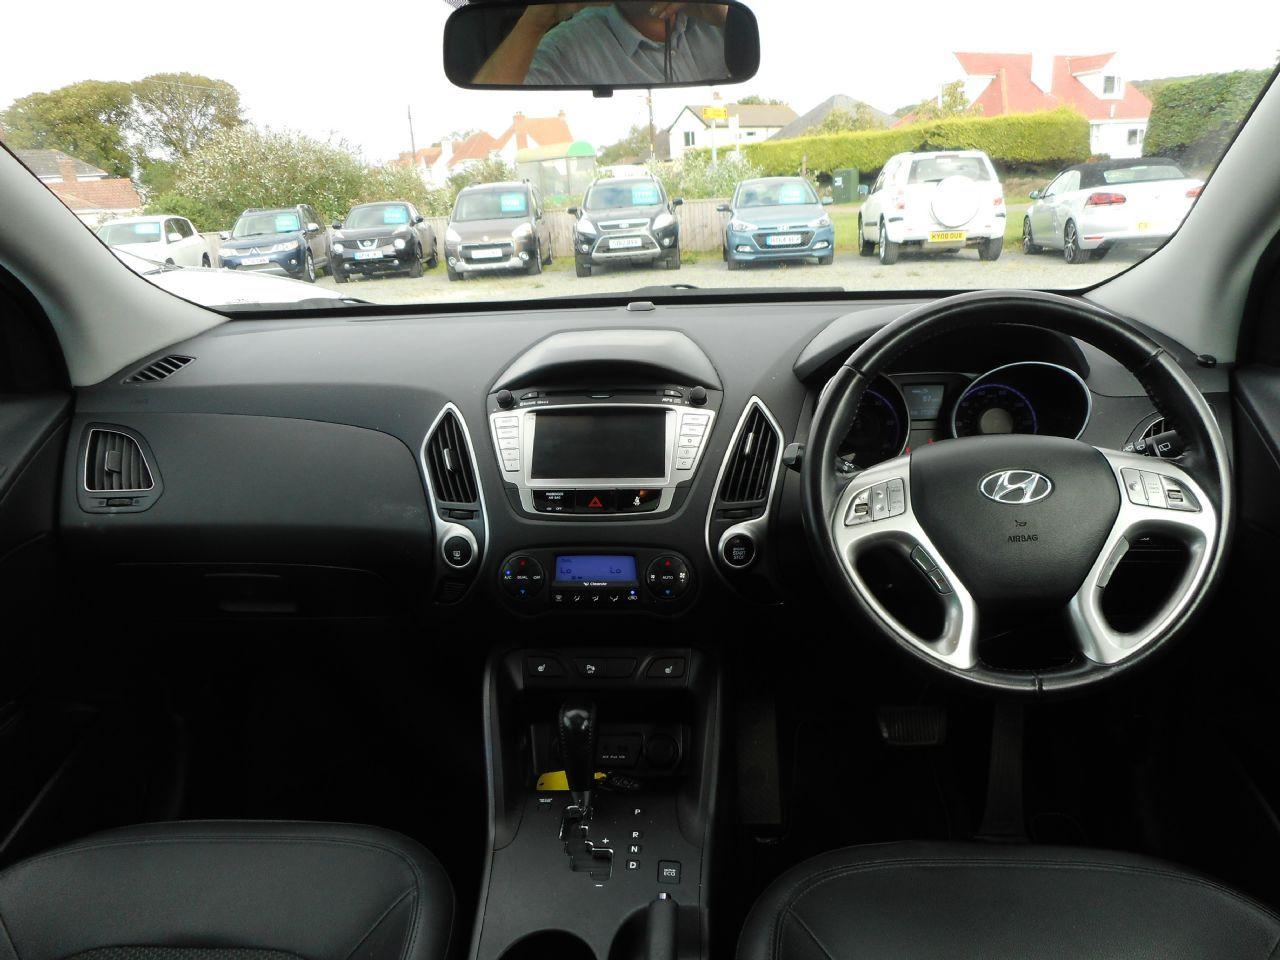 HYUNDAI IX35 2.0 CRDi 4WD Premium Auto (2011) - Picture 12